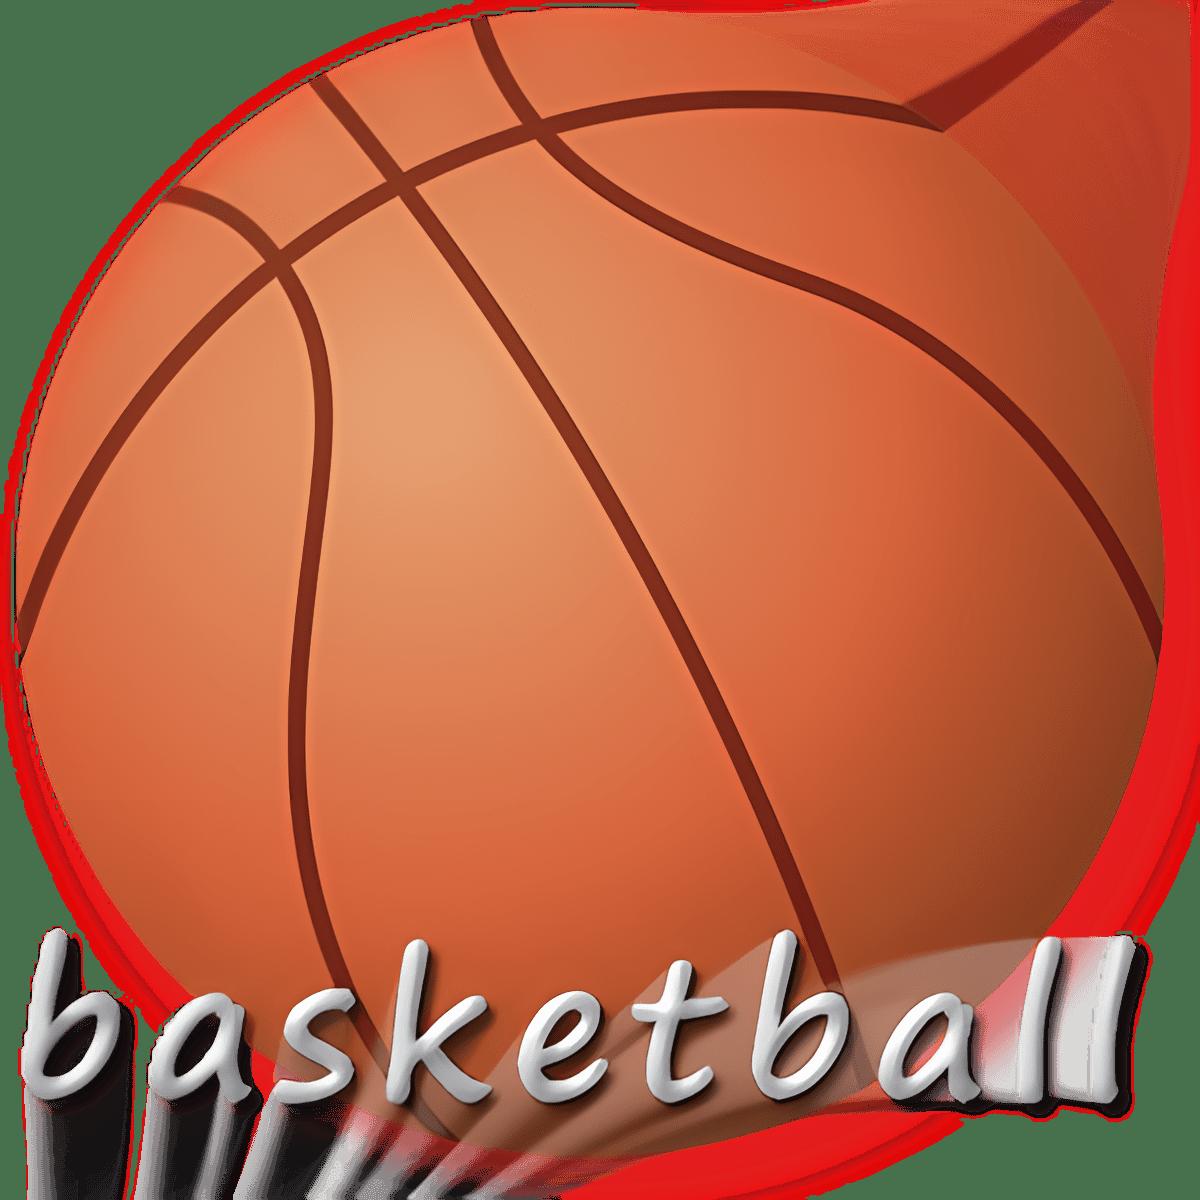 Juego de Baloncesto 1 minuto 2.3 y versiones superiores